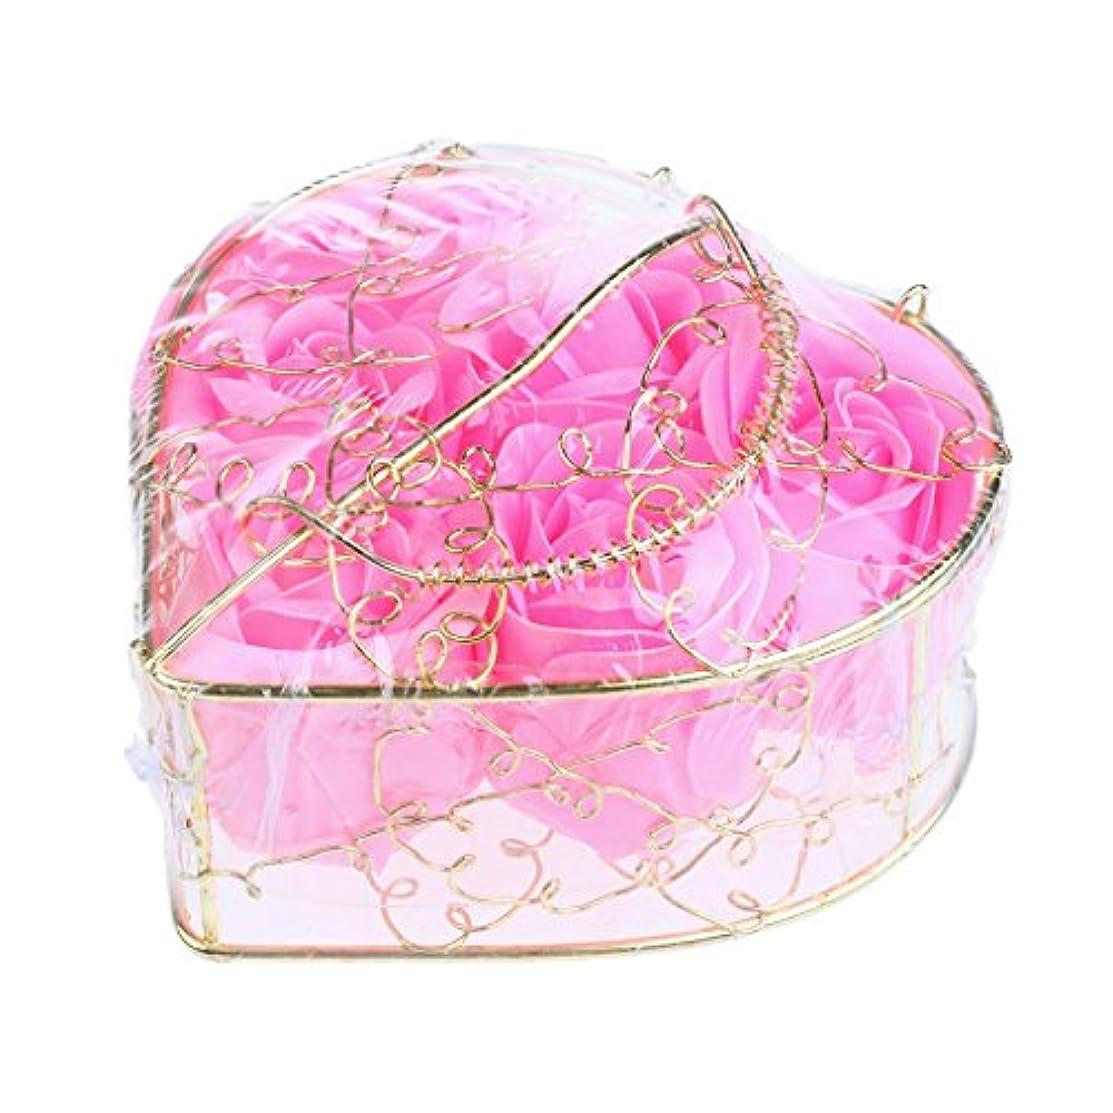 食用黄ばむカートリッジPerfk 6個 石鹸の花 石鹸花  造花 フラワー バラ ソープフラワー  シャボンフラワー  フラワーボックス プレゼント 全5タイプ選べる - ピンク